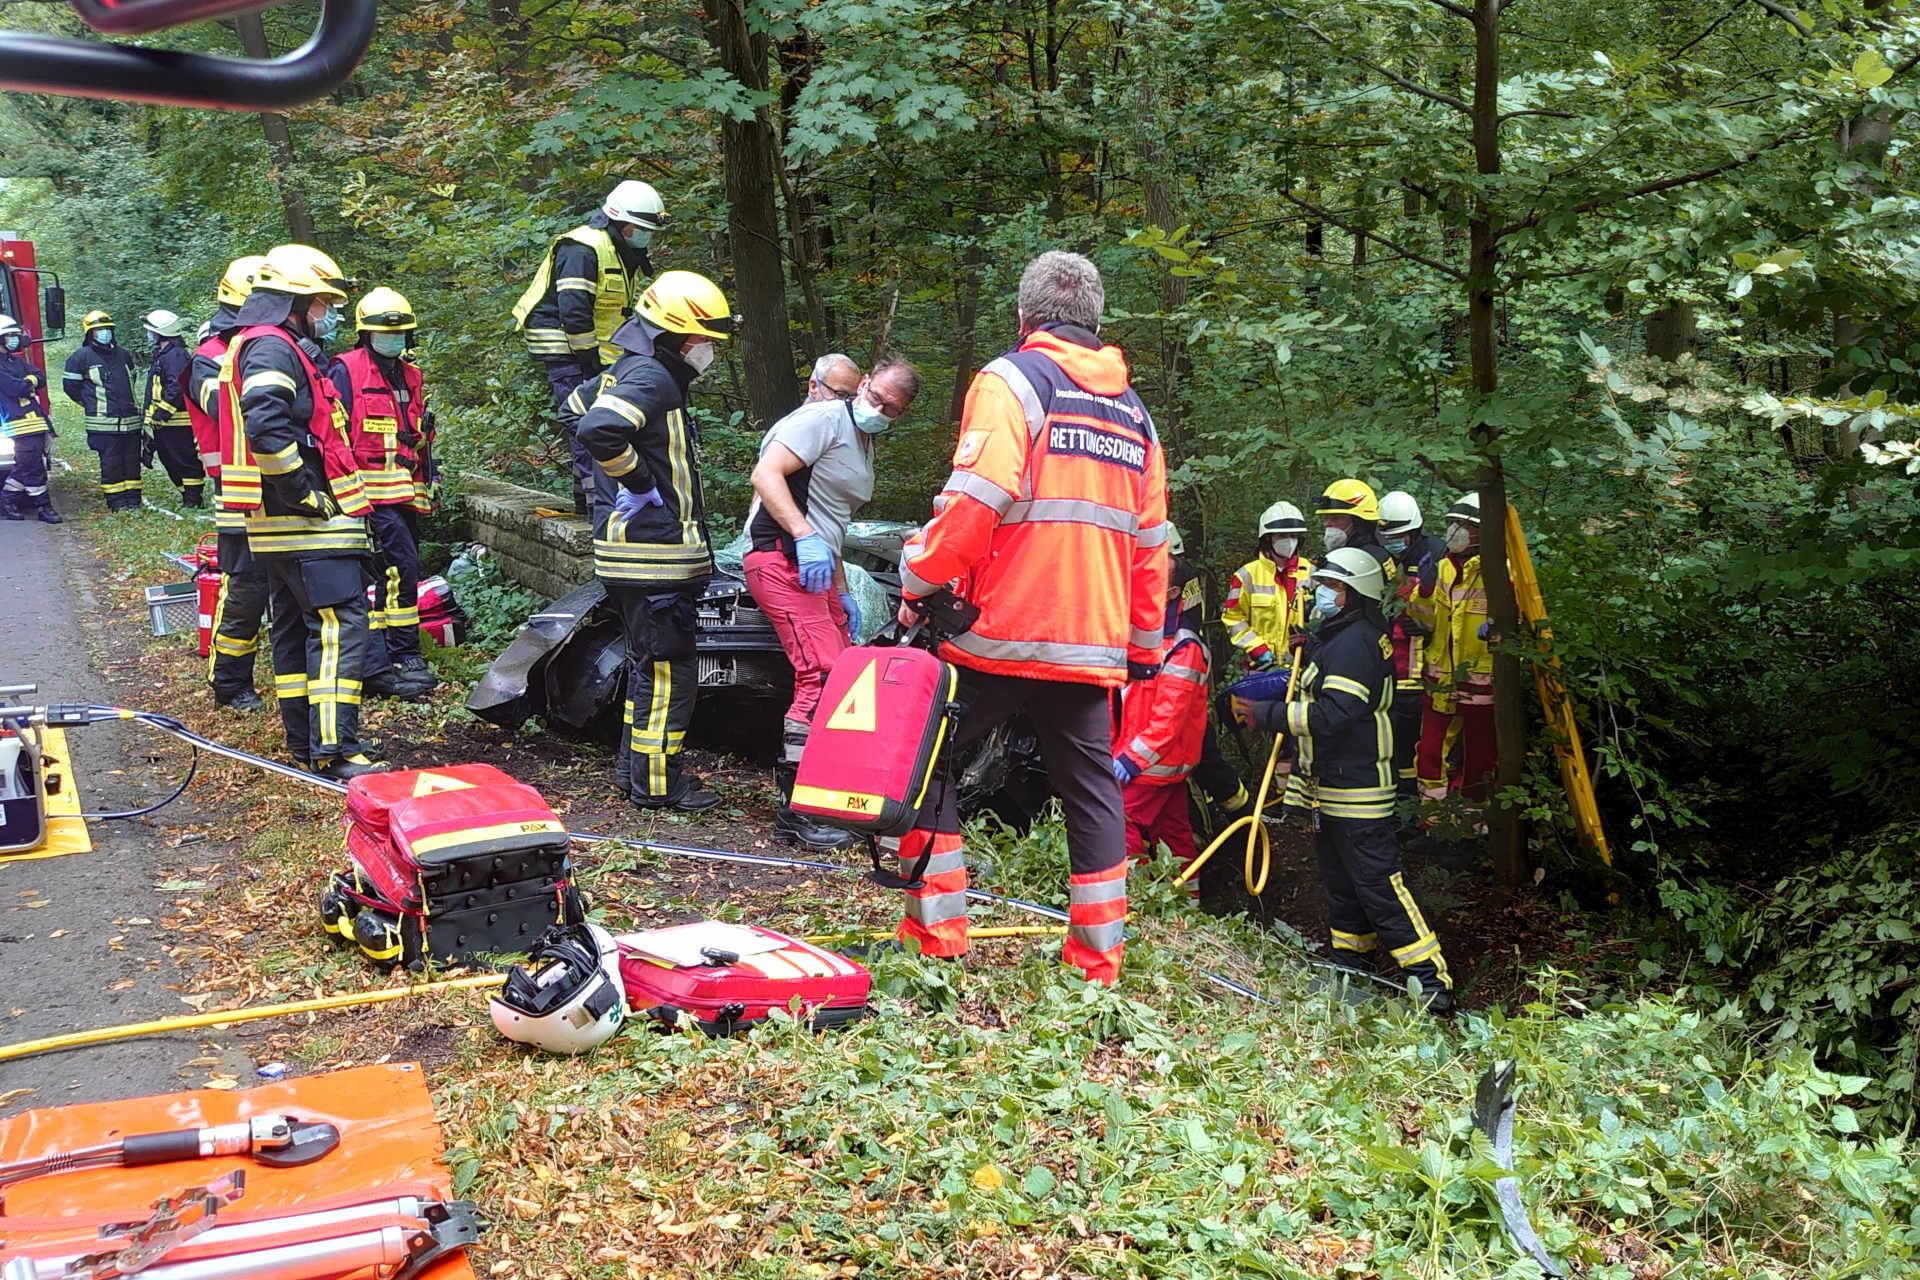 Rettungsdienst am Unfallort